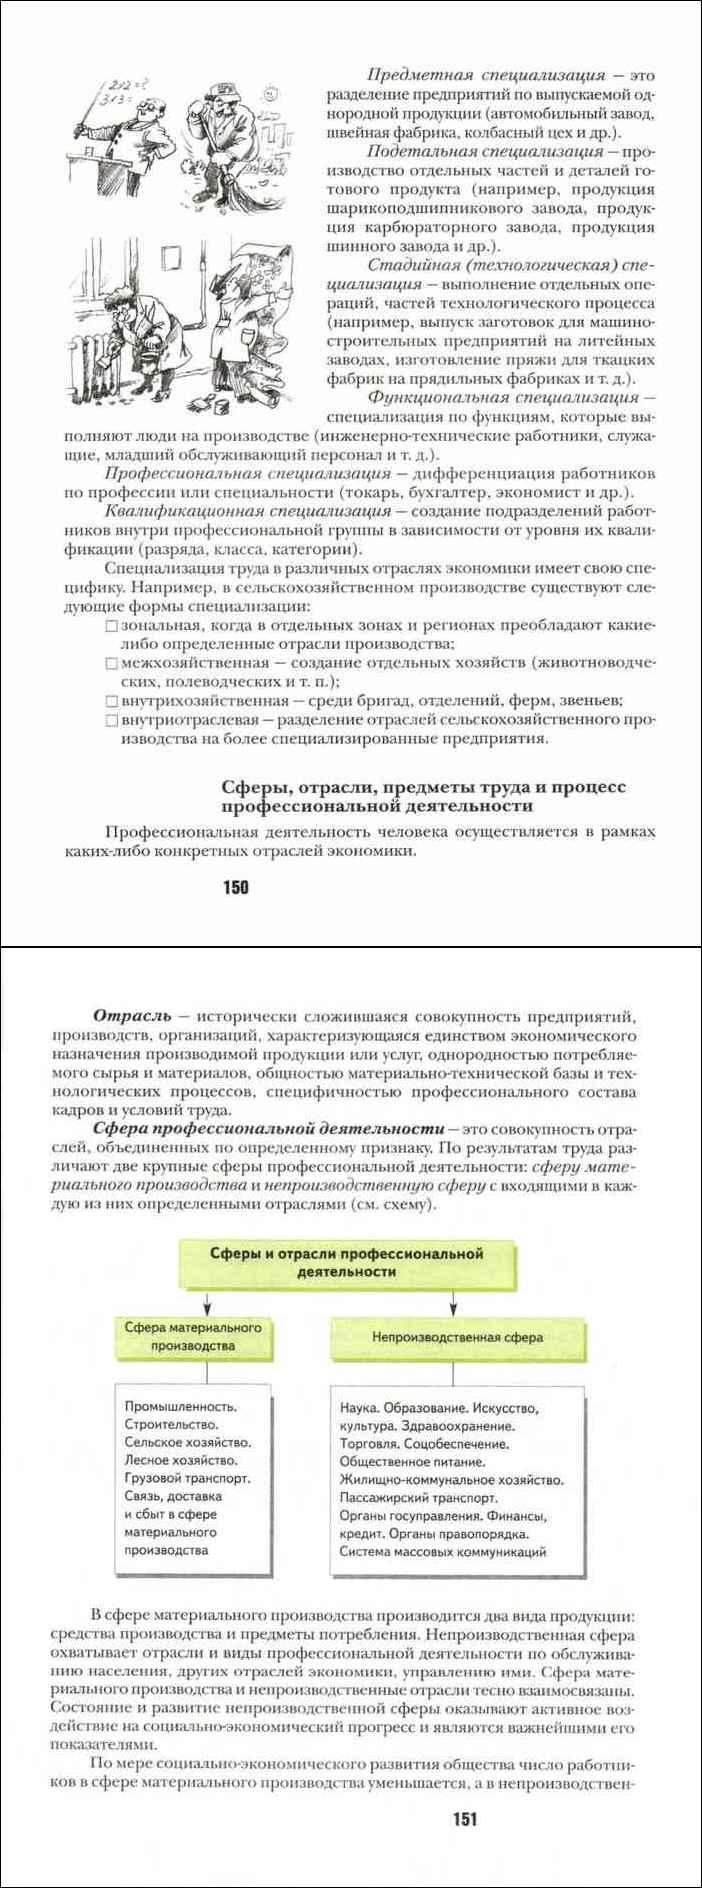 Тинькофф банк кредит наличными условия проценты калькулятор в самаре